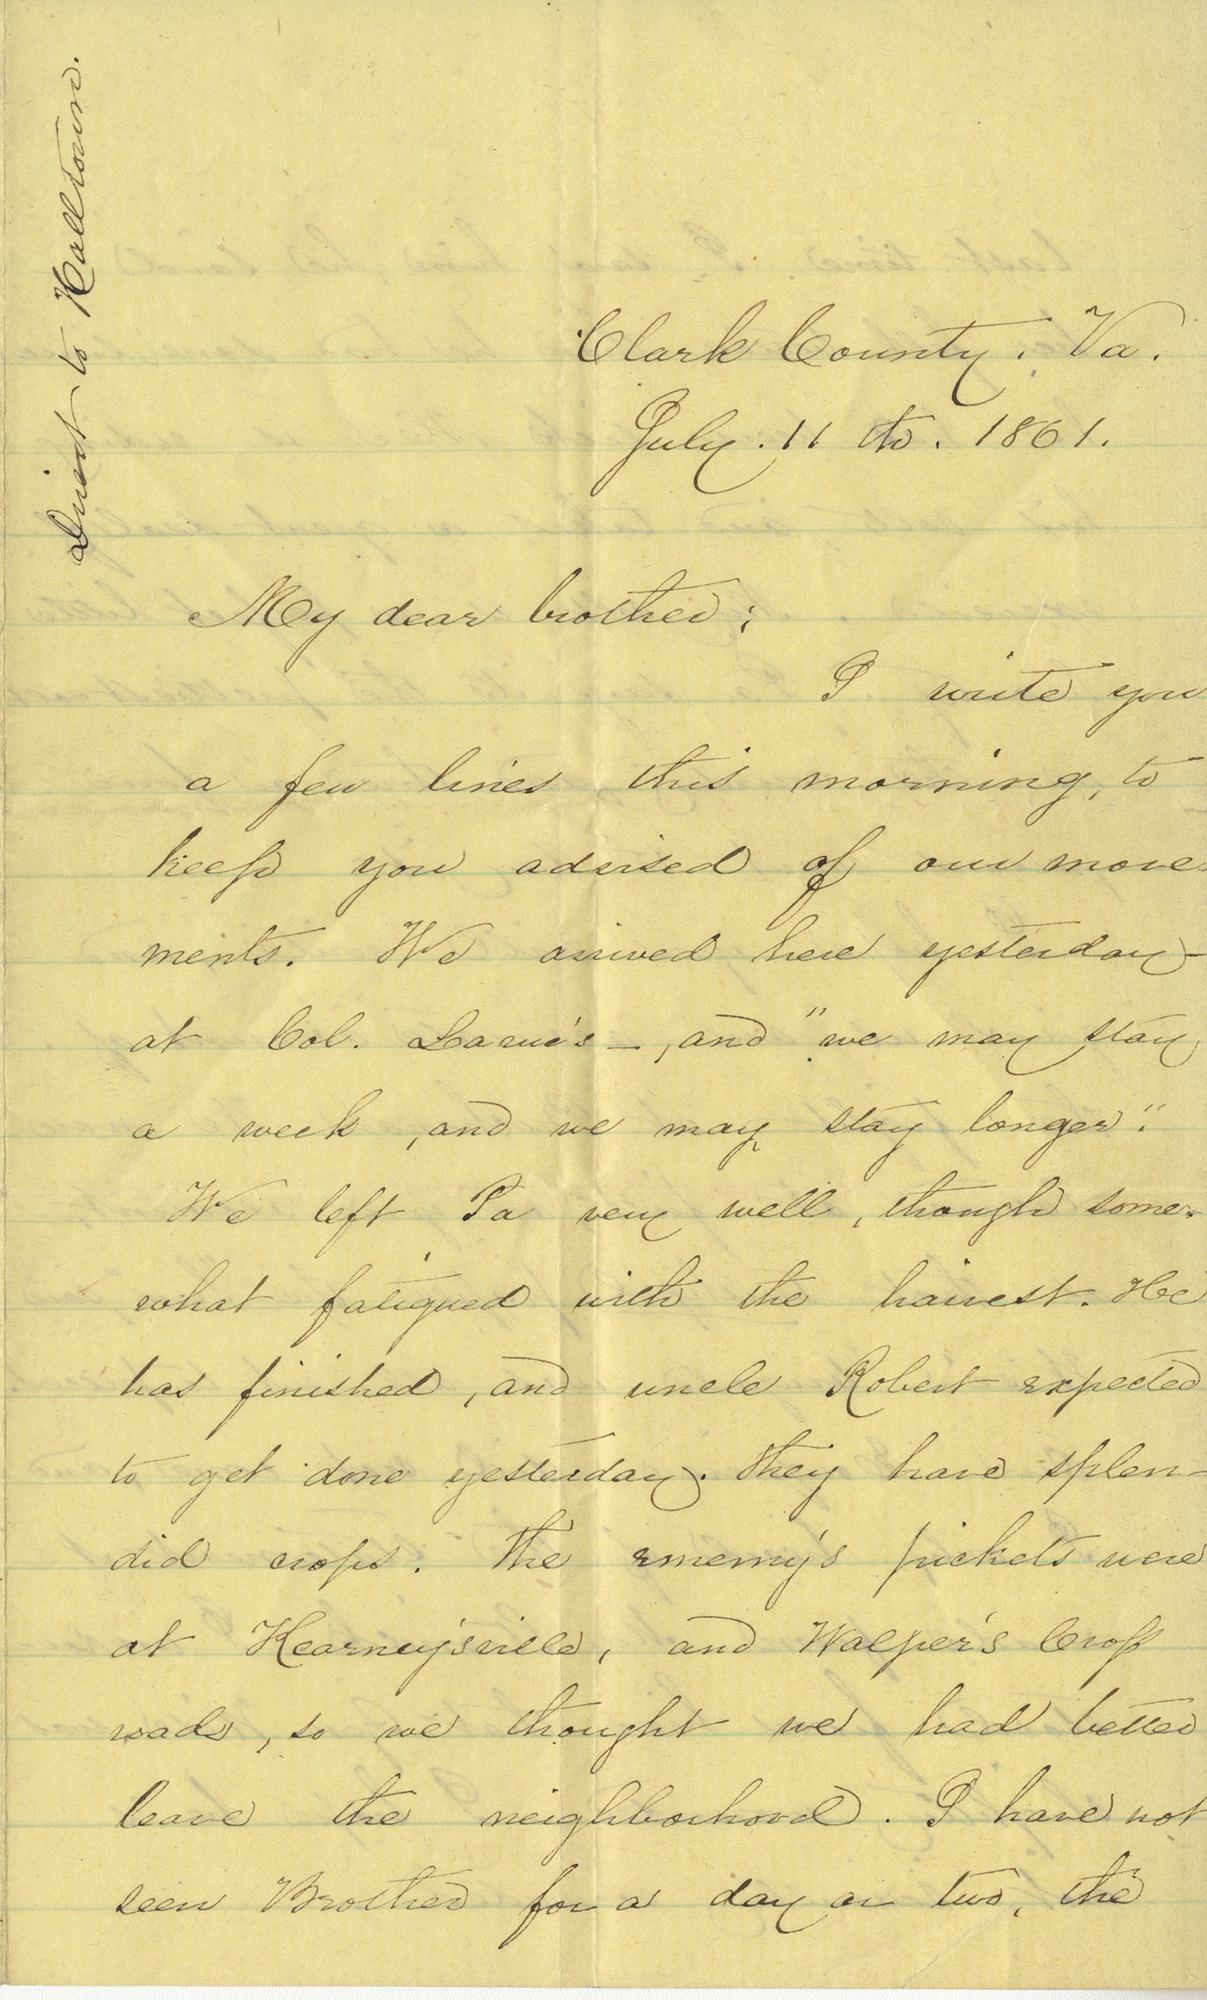 Ms2018_021_LucasVirginia_Letter_1861_0711a.jpg